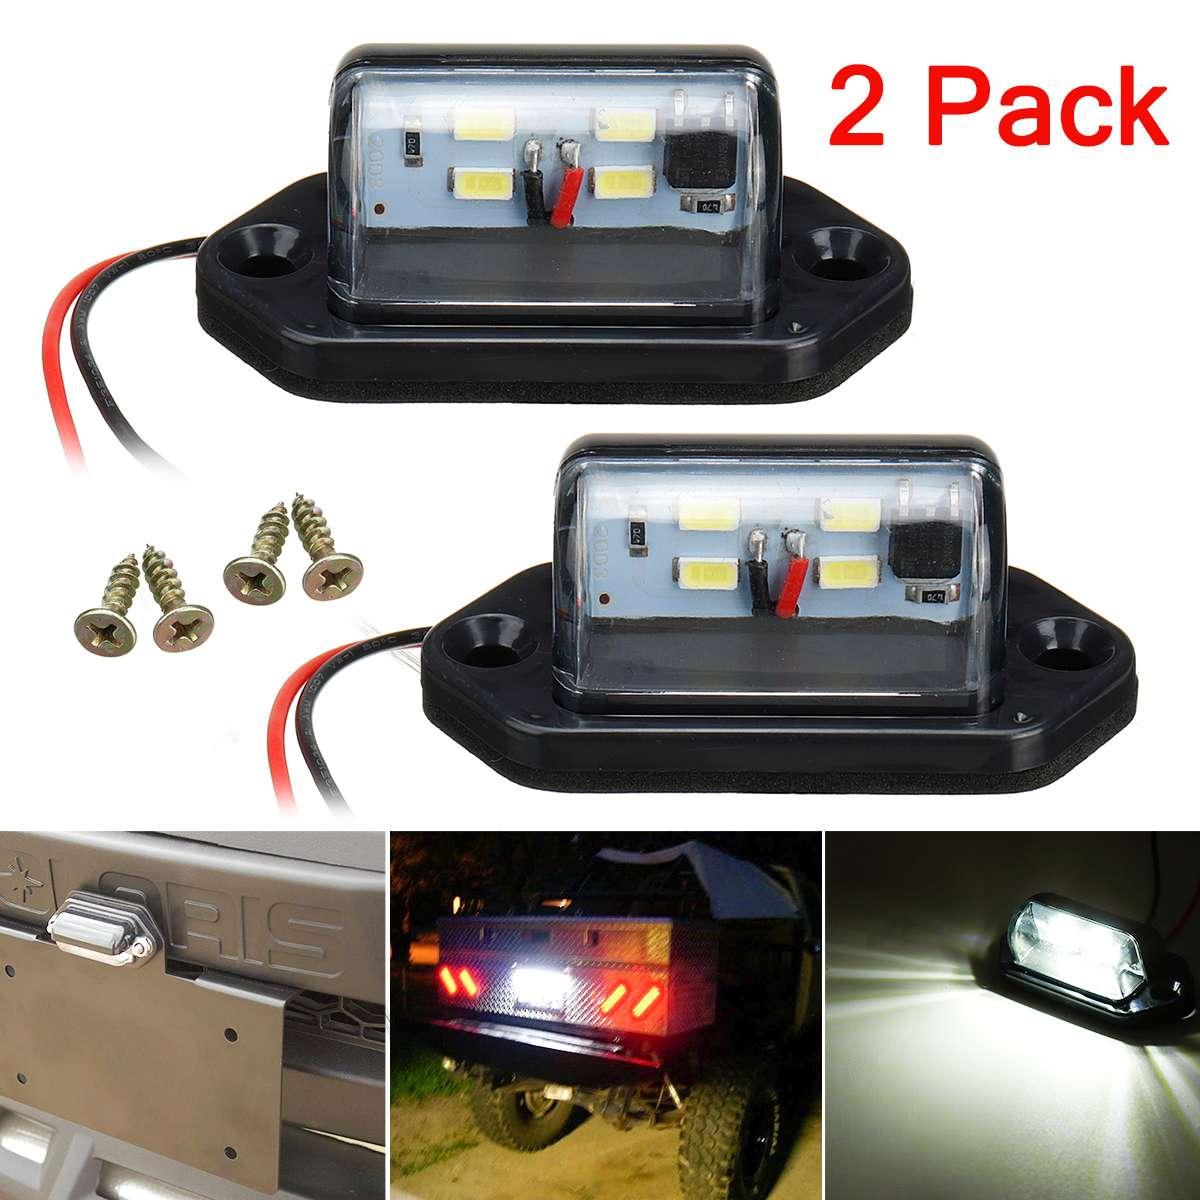 2pcs 12V 24V 4 LEDs LED Car Truck Number License Plate Light Rear Lamp Tail Light For Trailer Boat RV